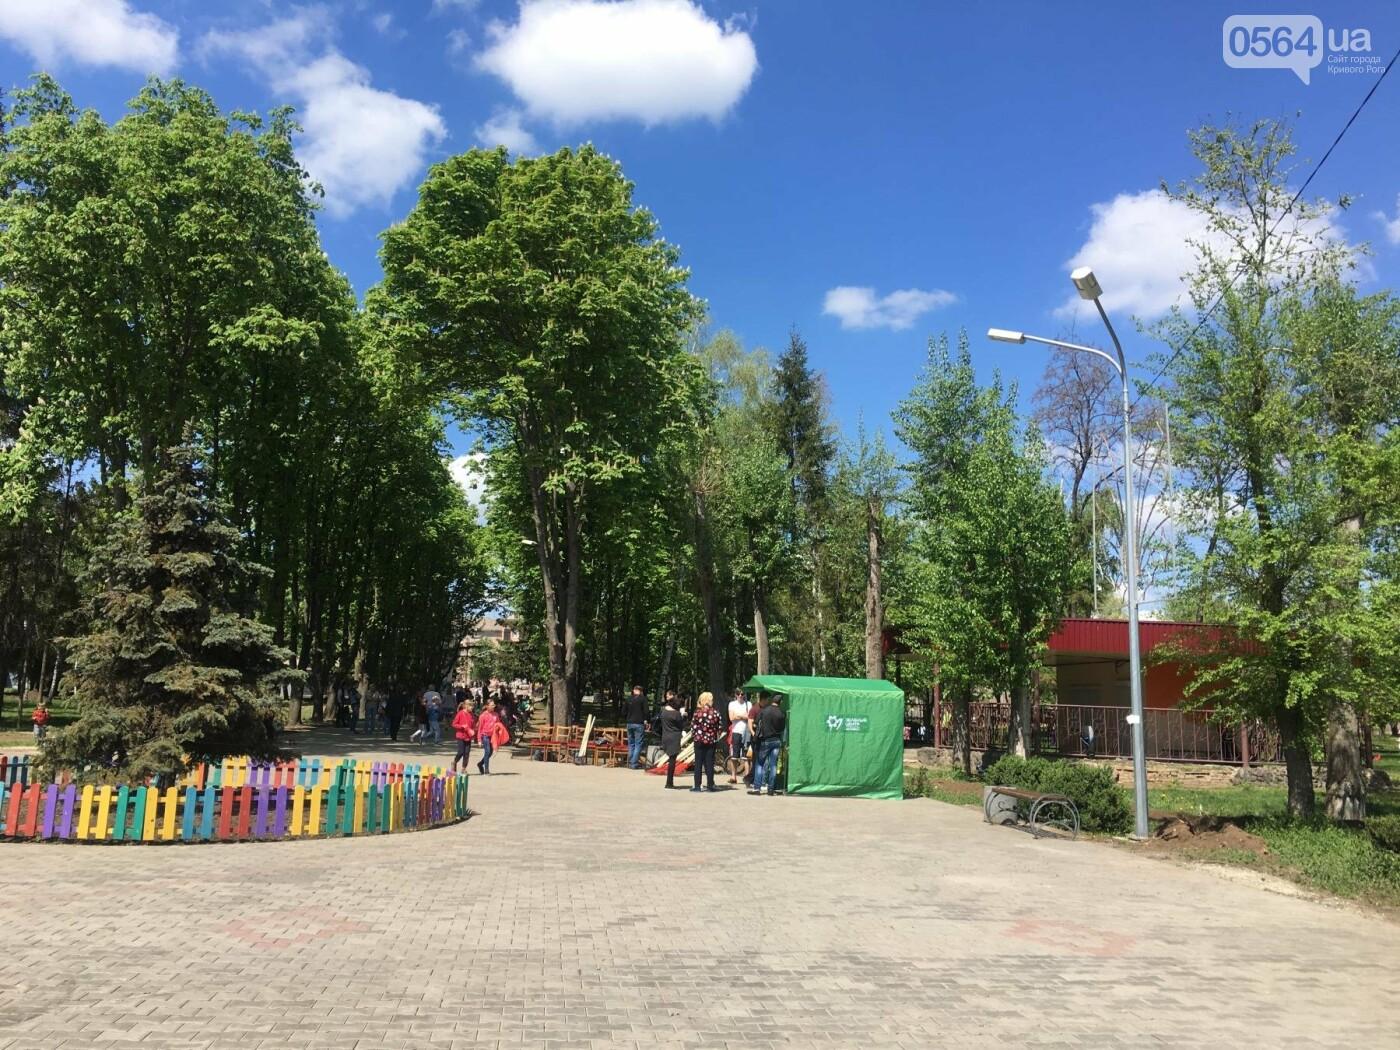 """""""В Европу без мусора!"""": криворожане помогли подготовить парк к Еврофесту (ФОТО), фото-80"""